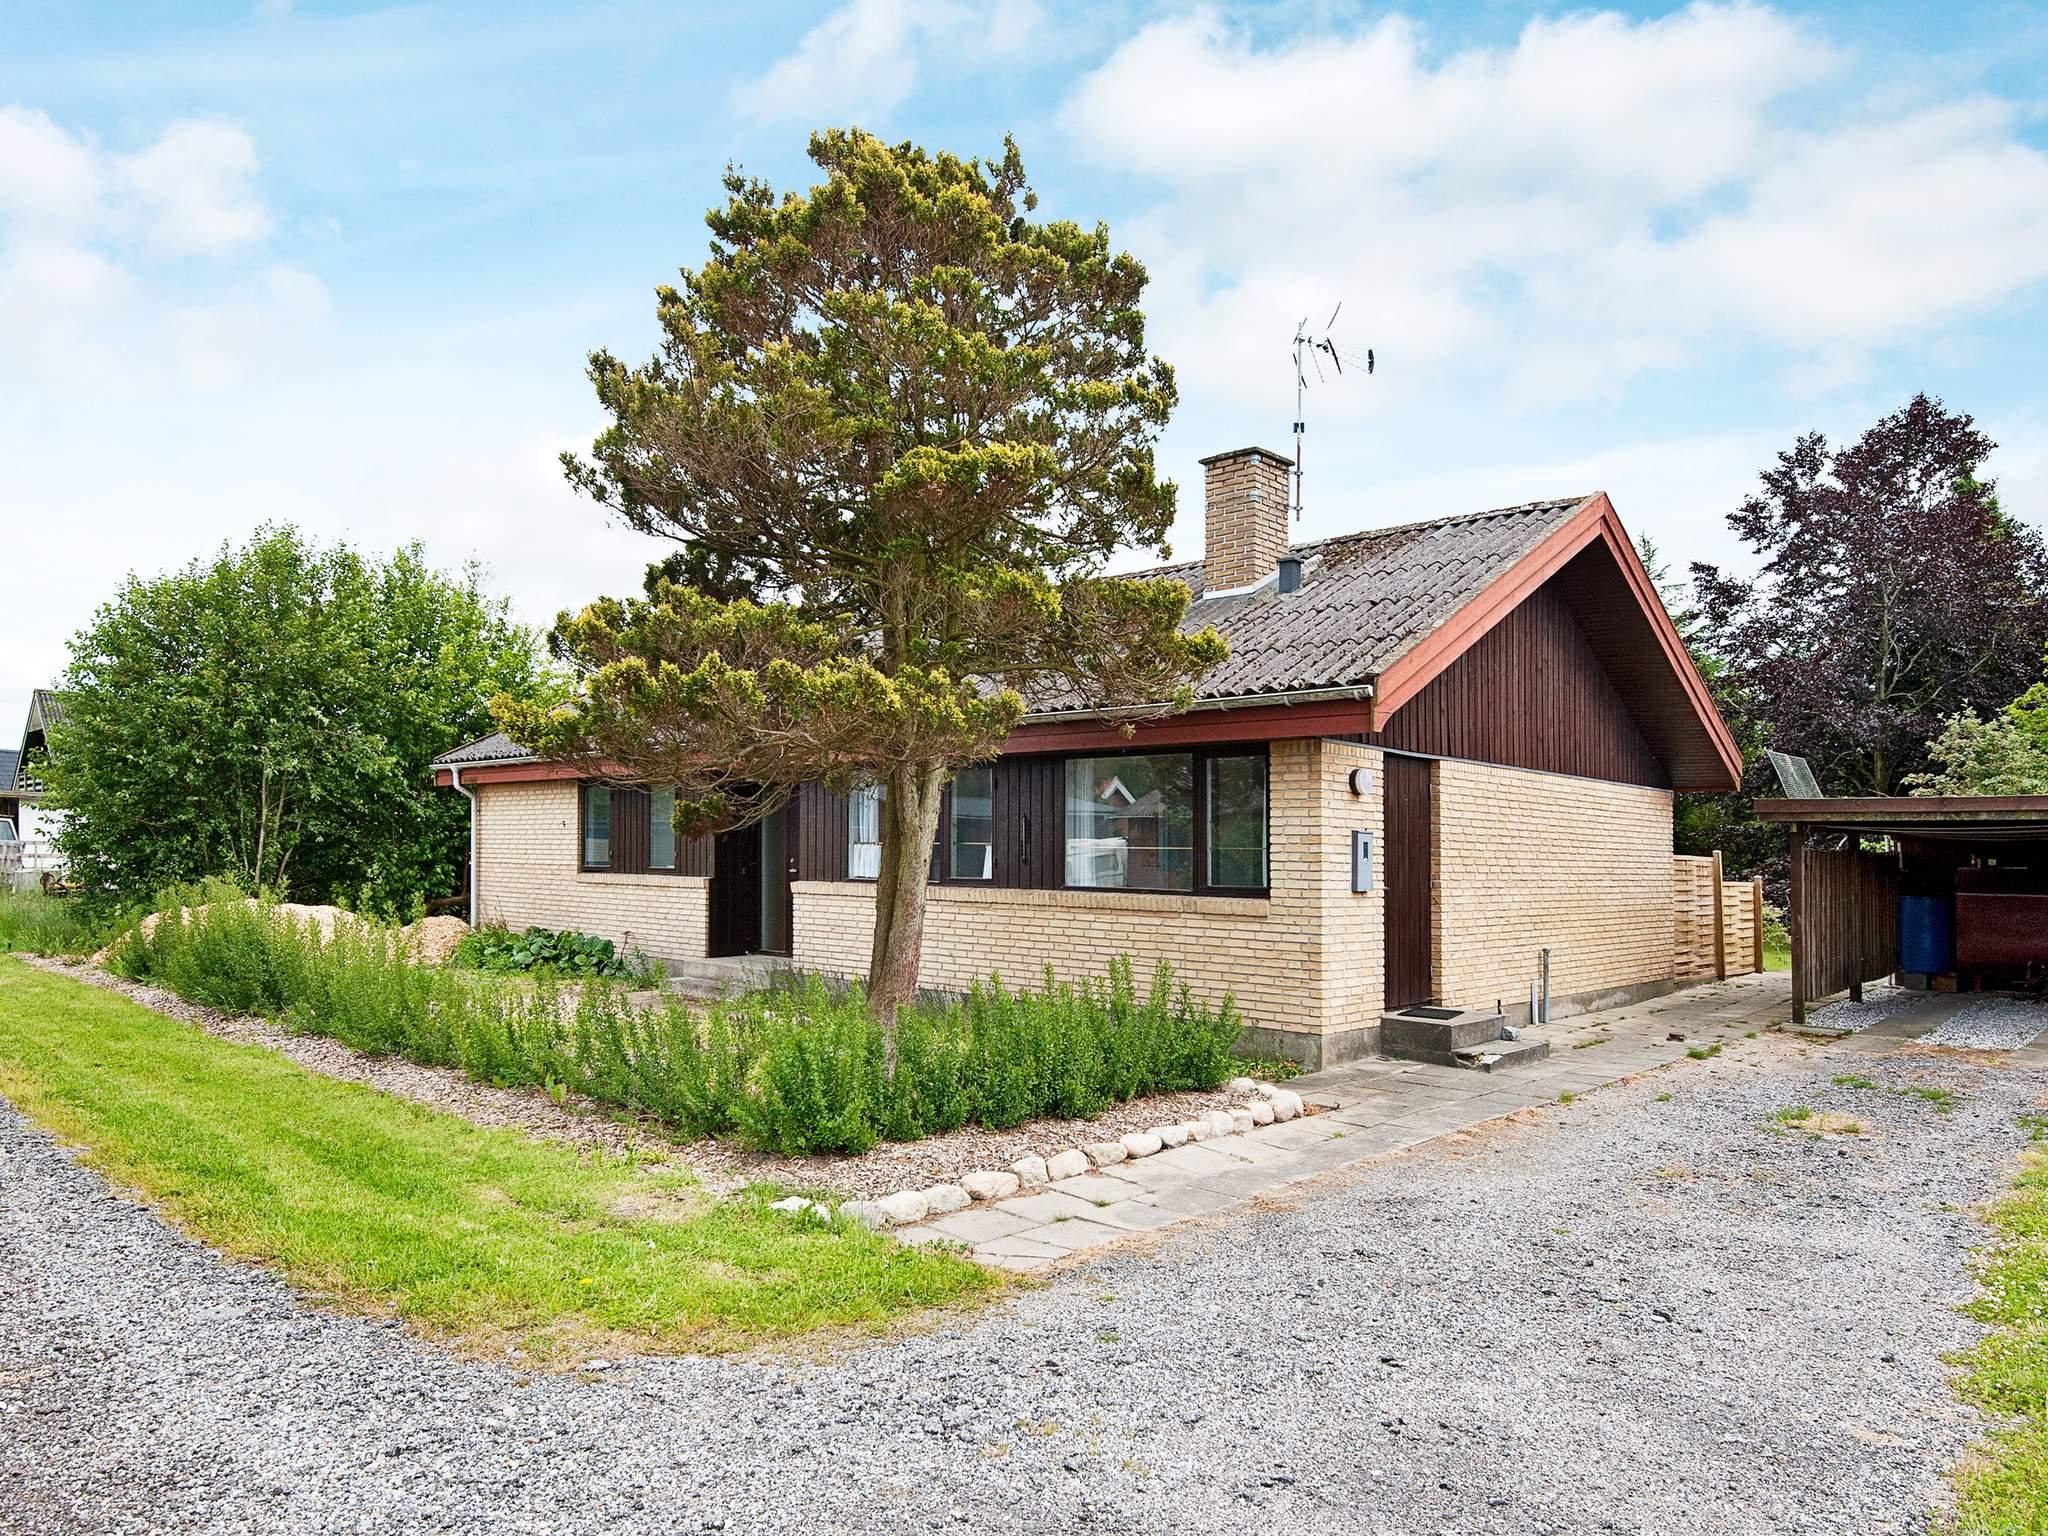 Ferienhaus Bønnerup Strand (1509341), Bønnerup, , Ostjütland, Dänemark, Bild 17